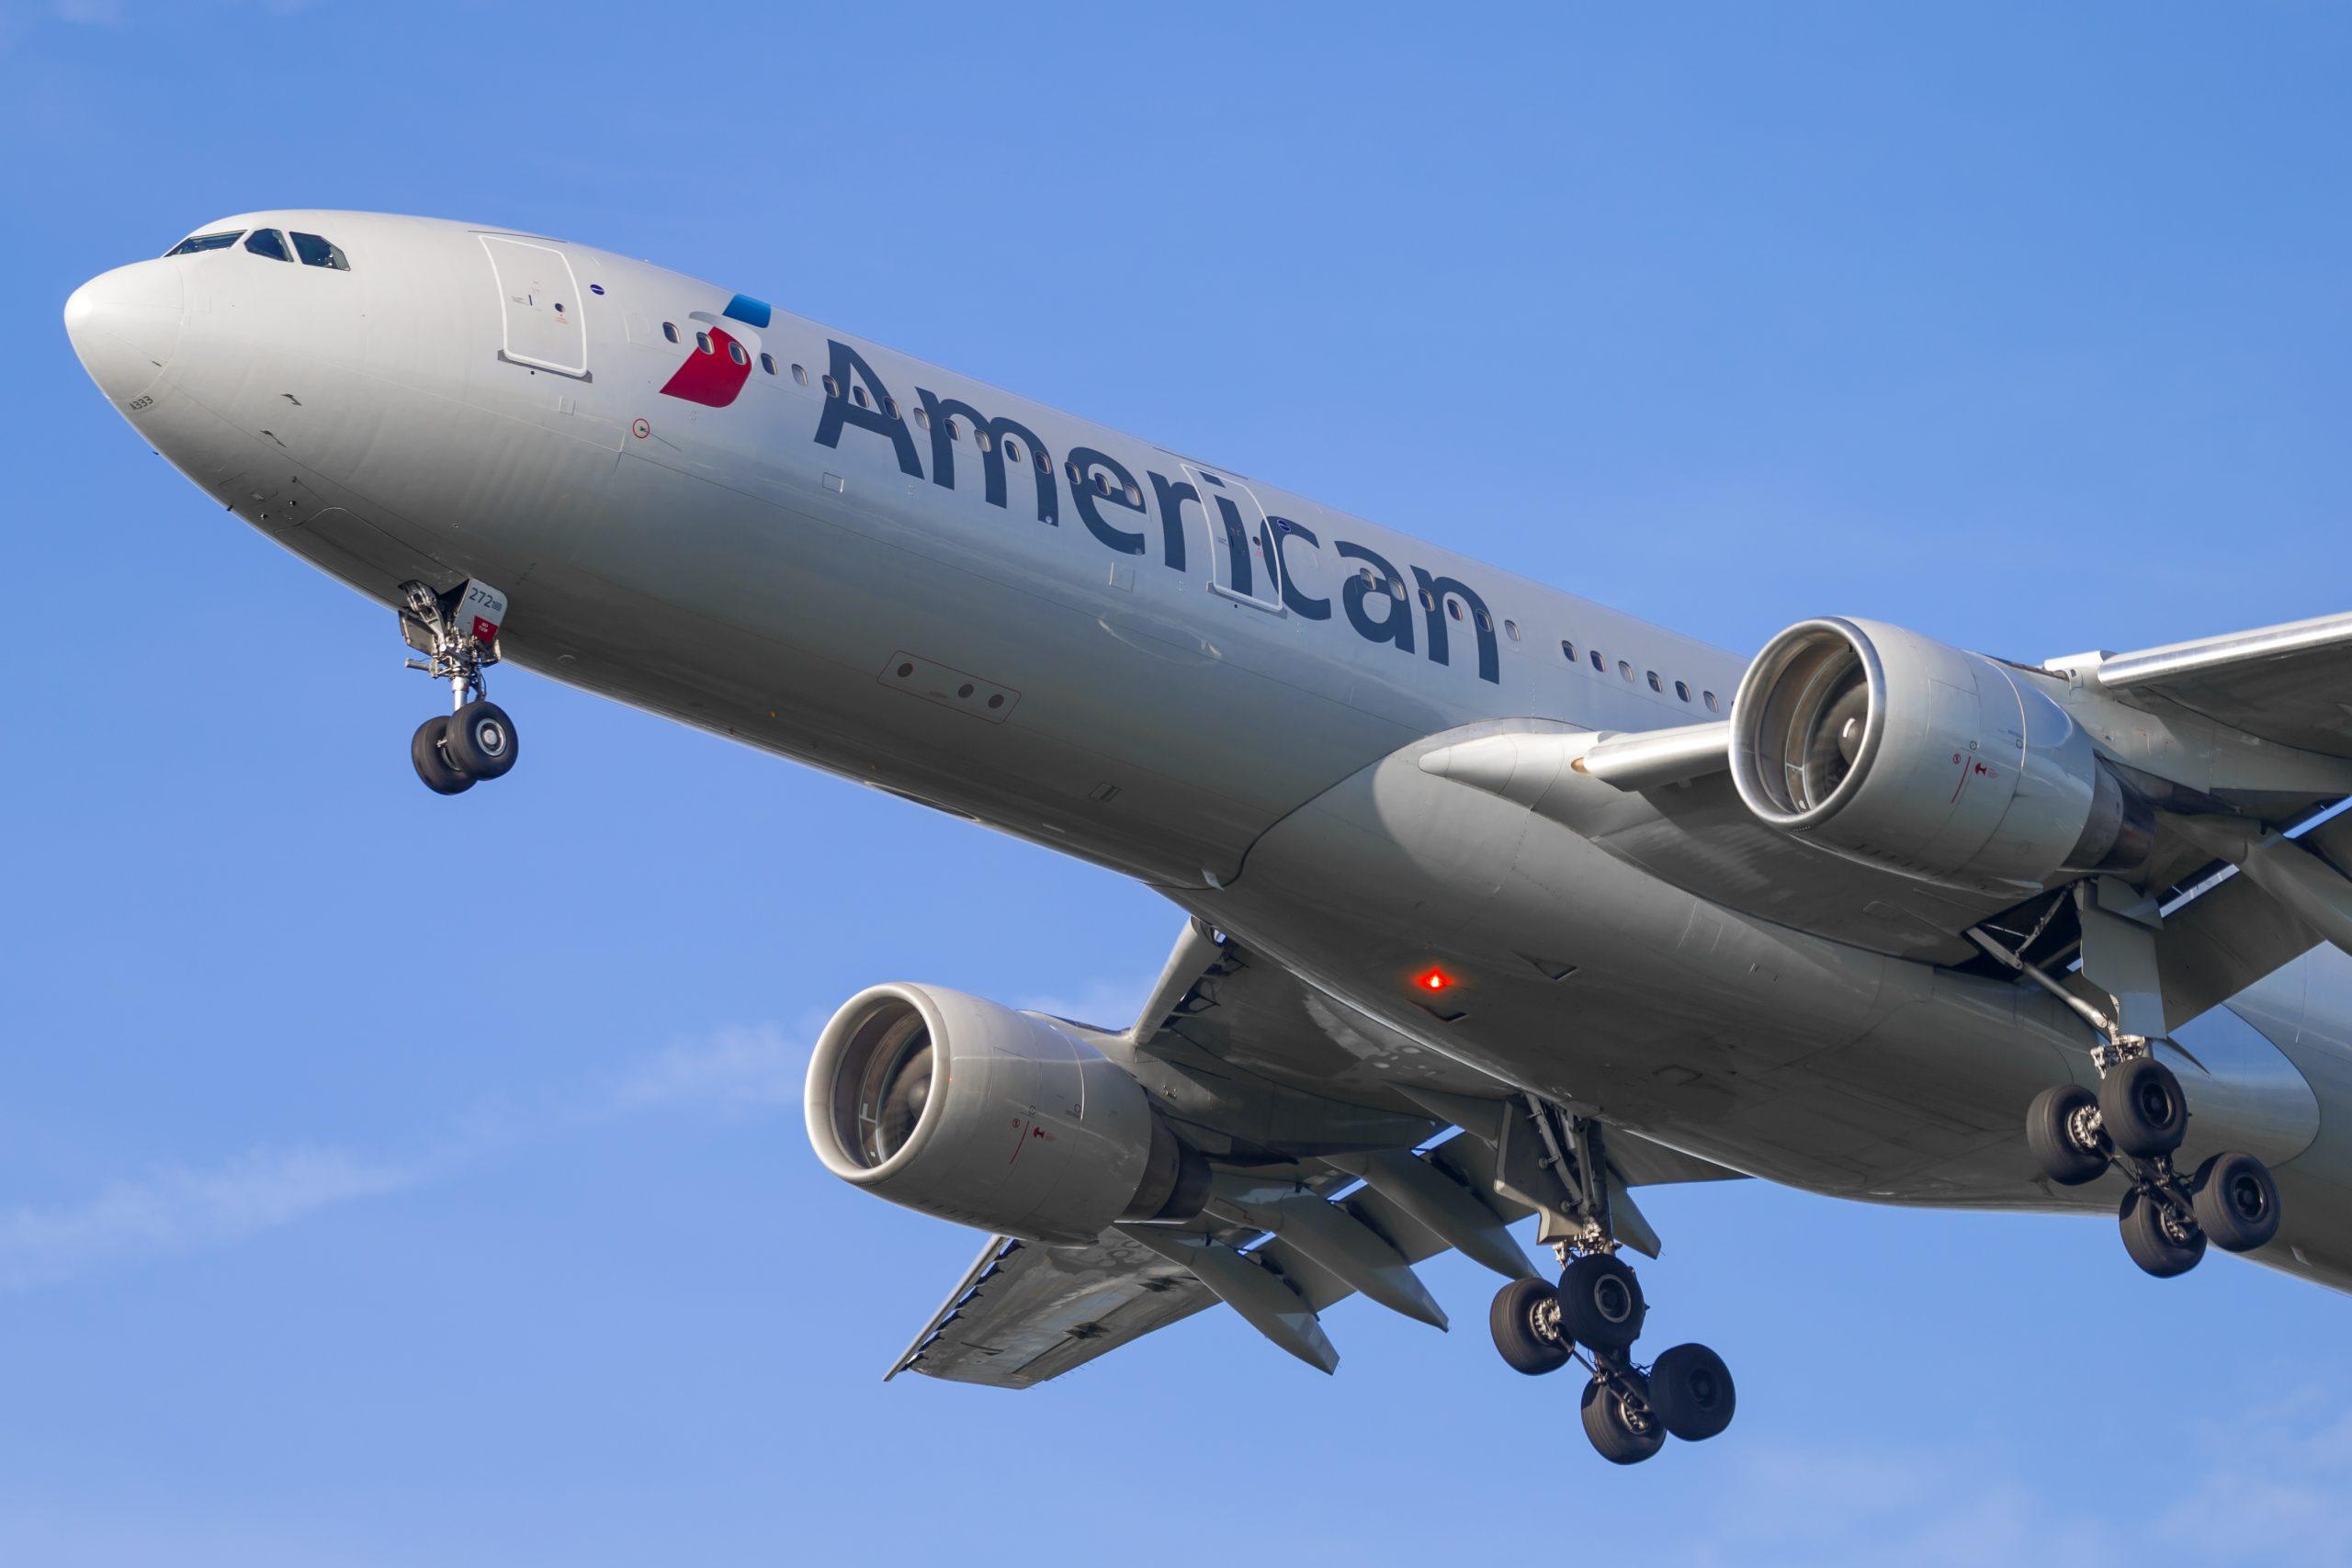 En Airbus A330-300 fra American Airlines. Foto: © Thorbjørn Brunander Sund, Danish Aviation Photo